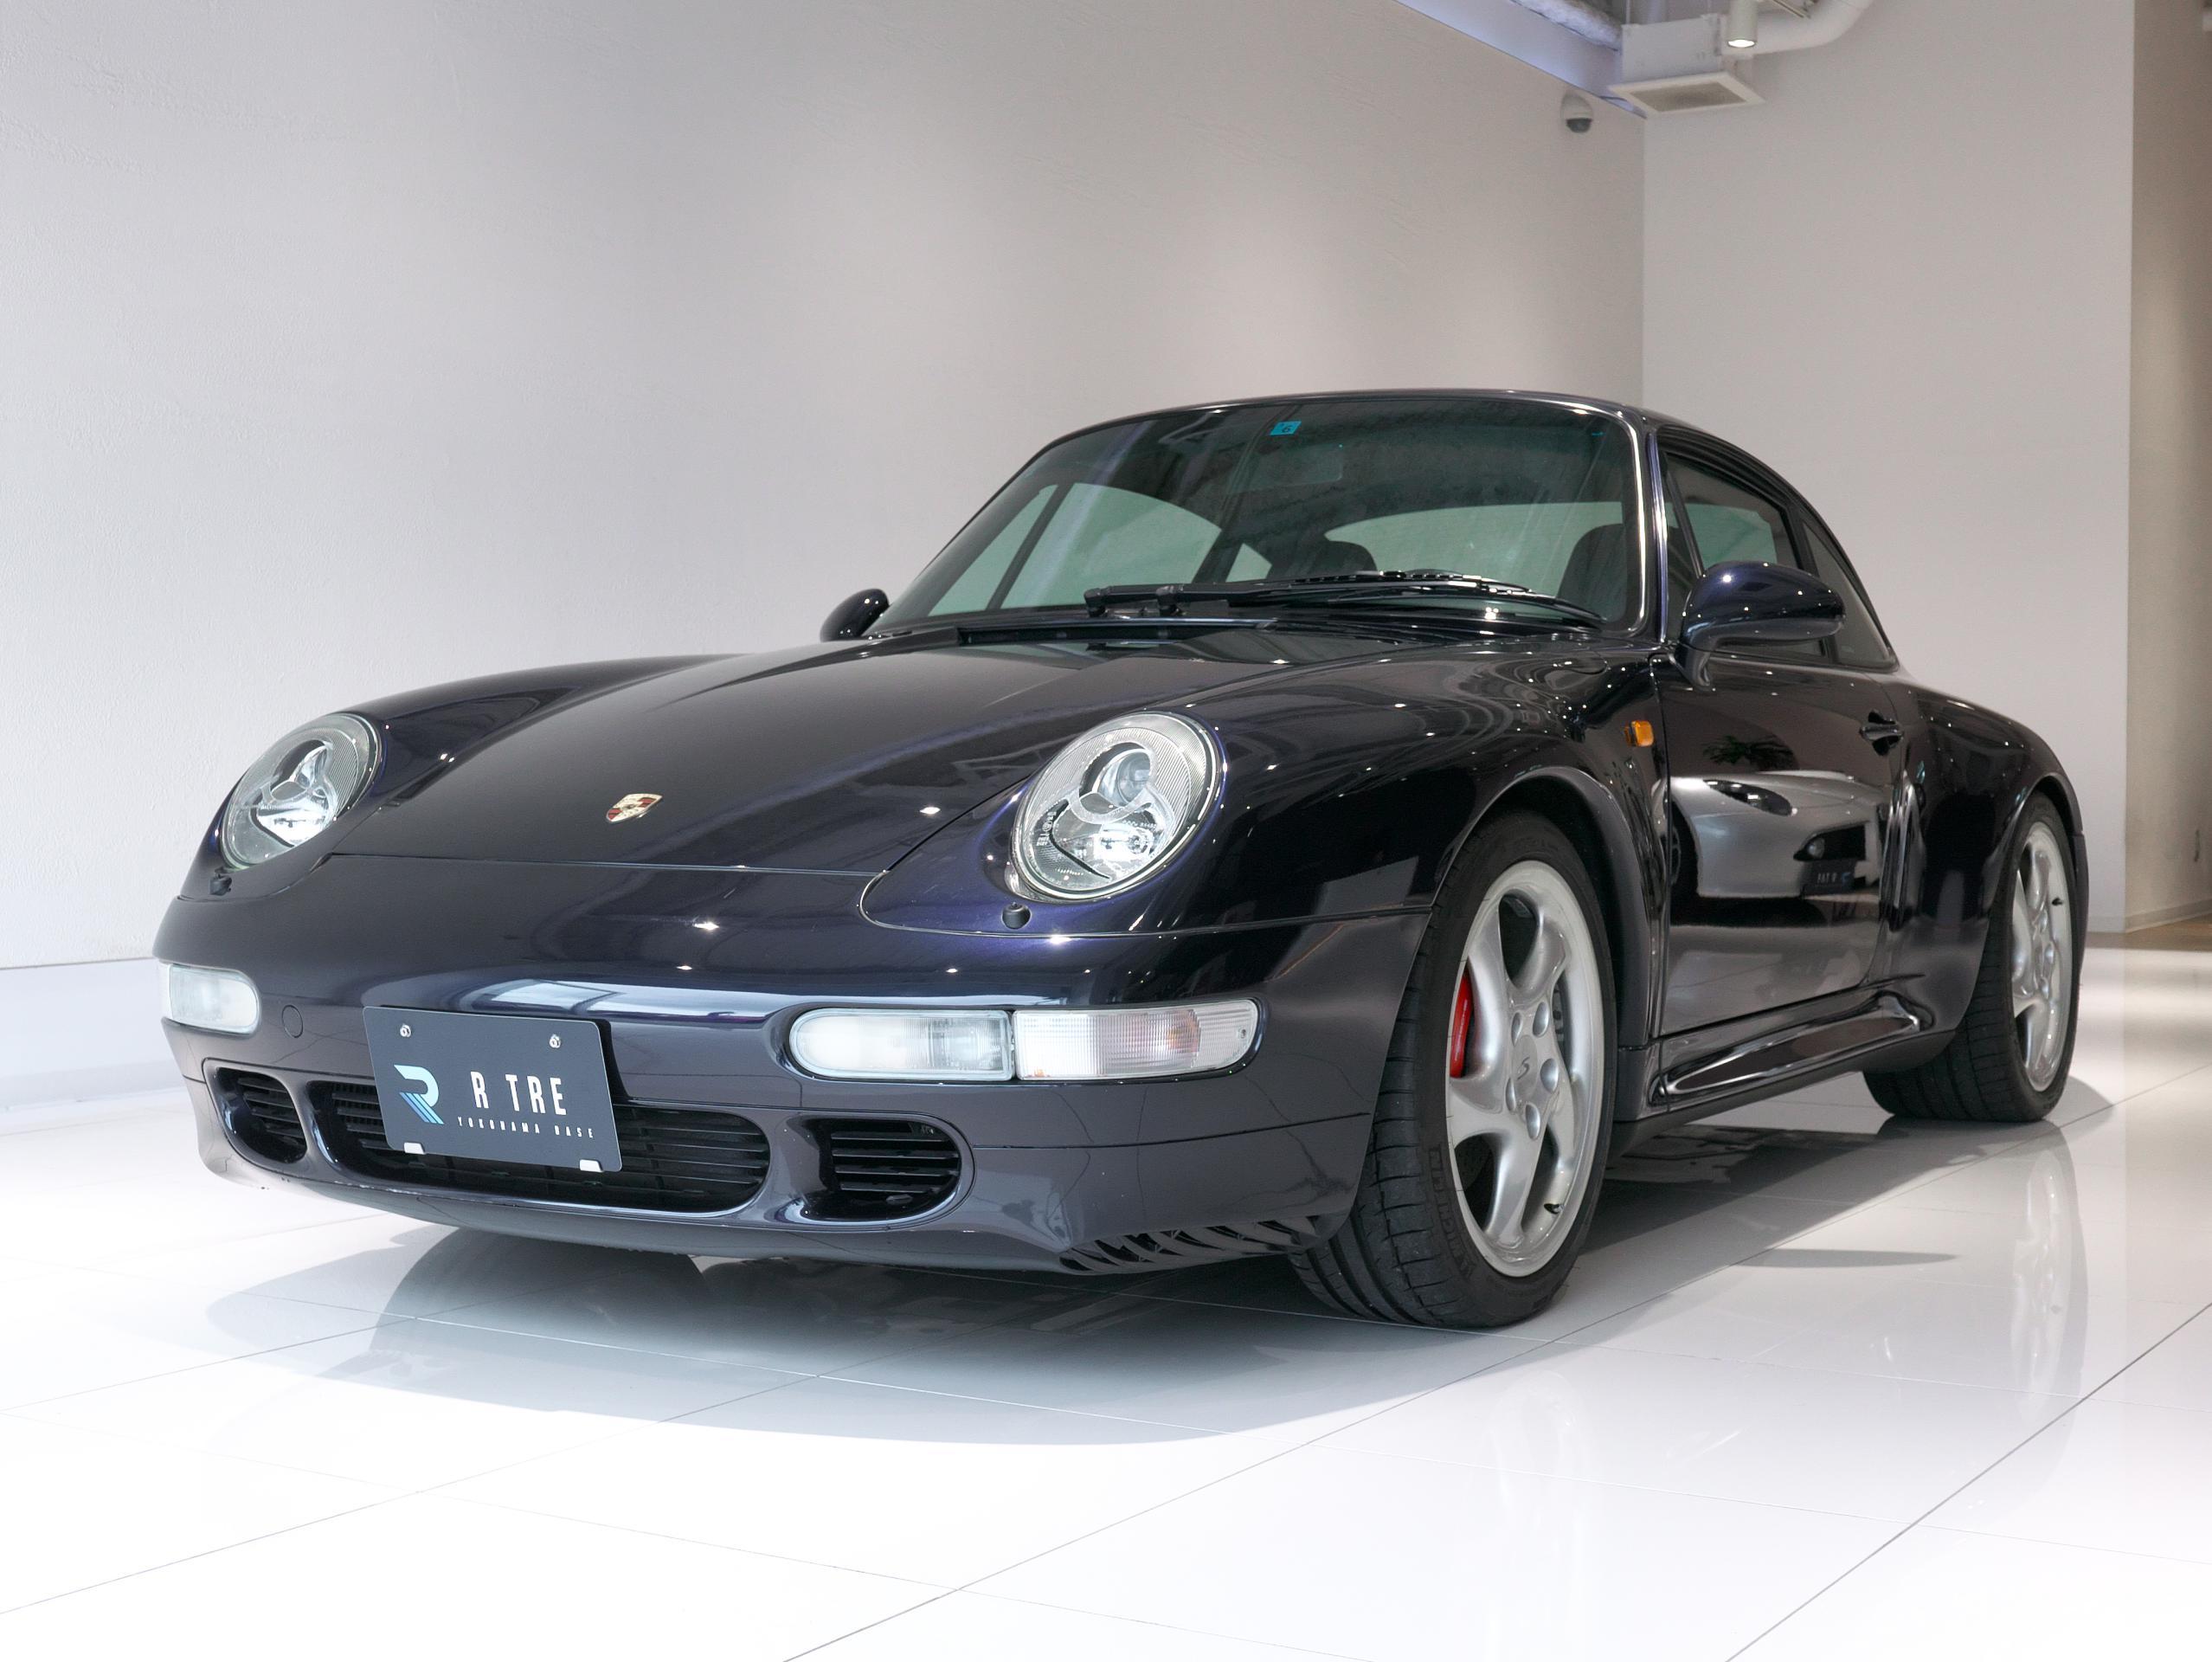 ポルシェ 911 カレラ4S 993 左斜め前